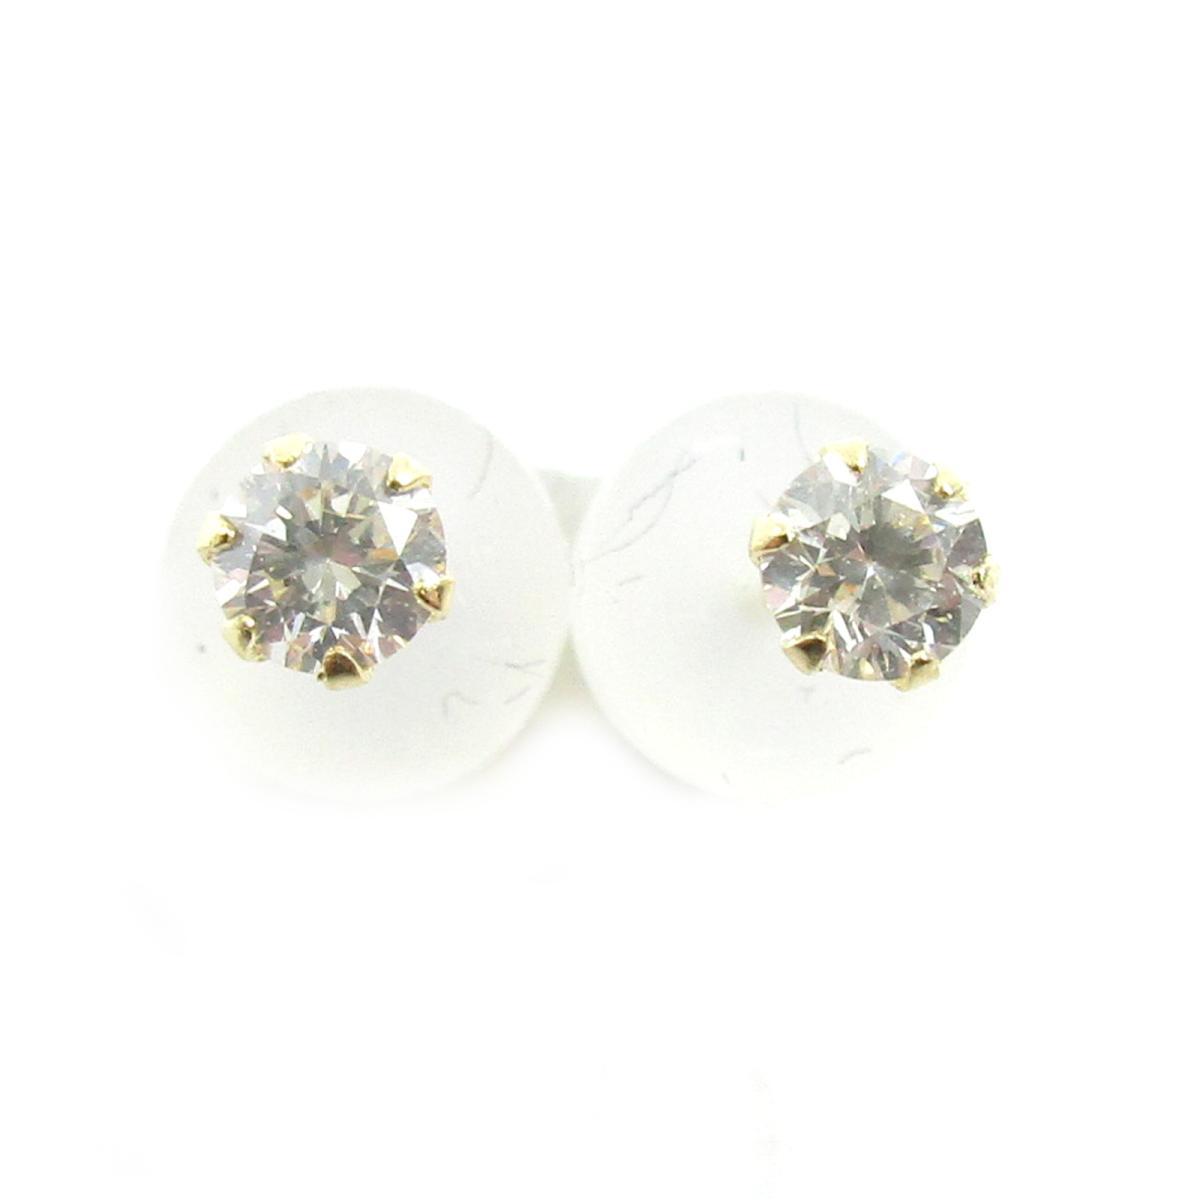 【中古】 ジュエリー ダイヤモンドピアス レディース K18YG (750) イエローゴールド x ダイヤモンド0.10ct*2 ゴールド クリアー | JEWELRY BRANDOFF ブランドオフ ブランド アクセサリー ピアス